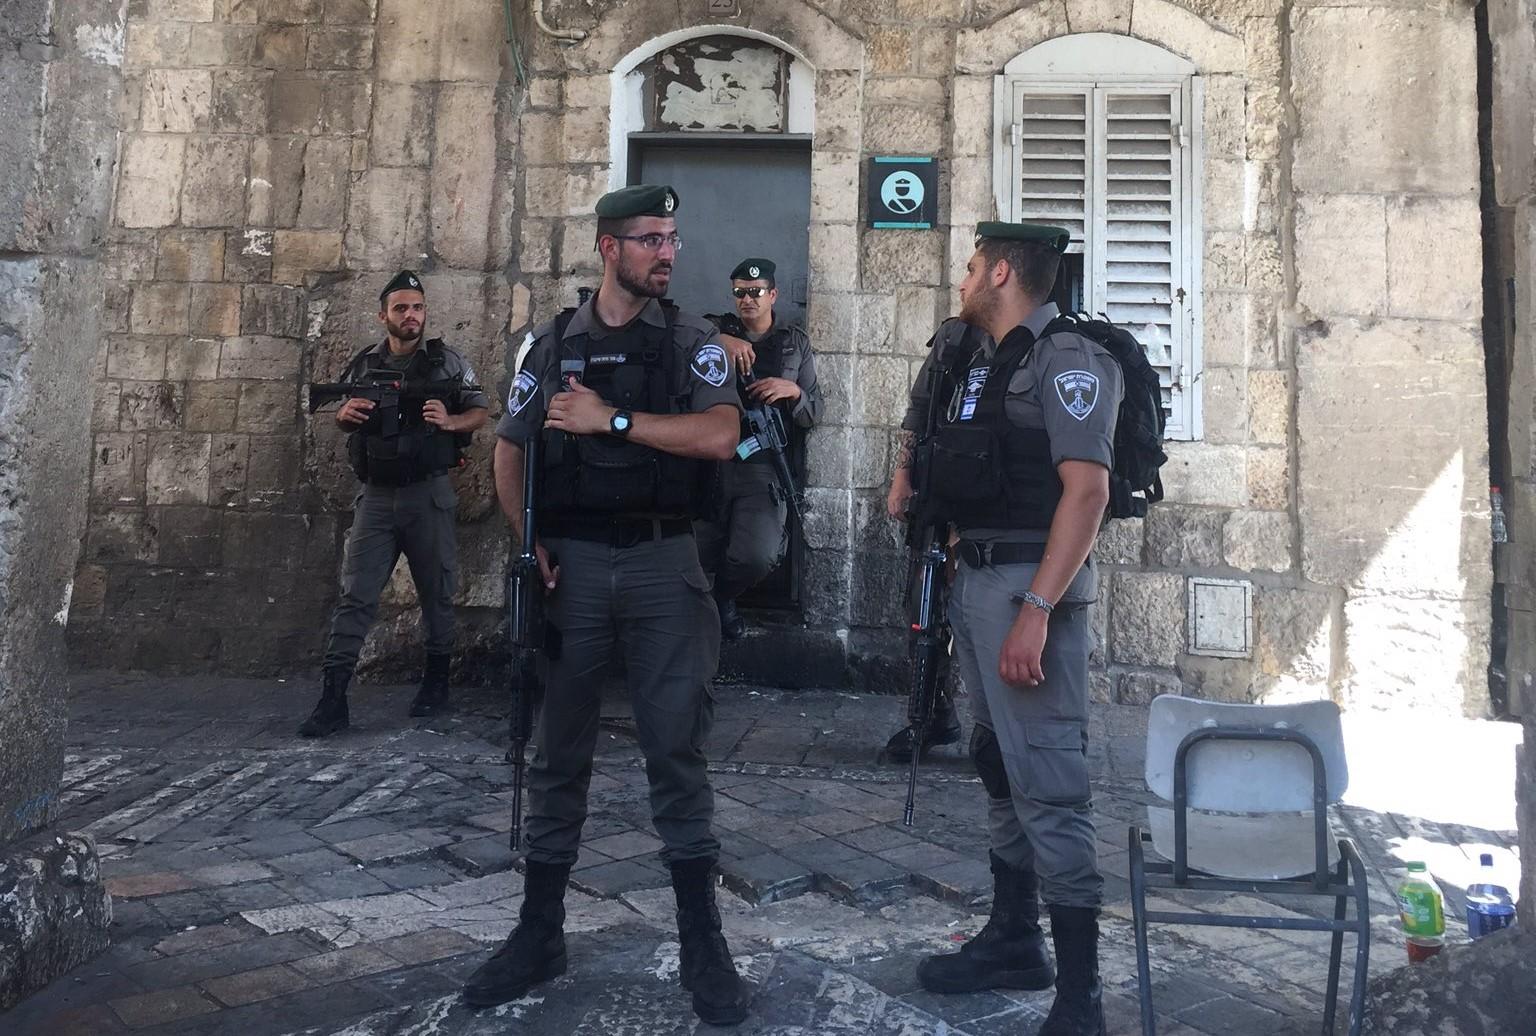 Władze Izraela usunęły większość zabezpieczeń sprzed wejścia do meczetu Al-Aksa